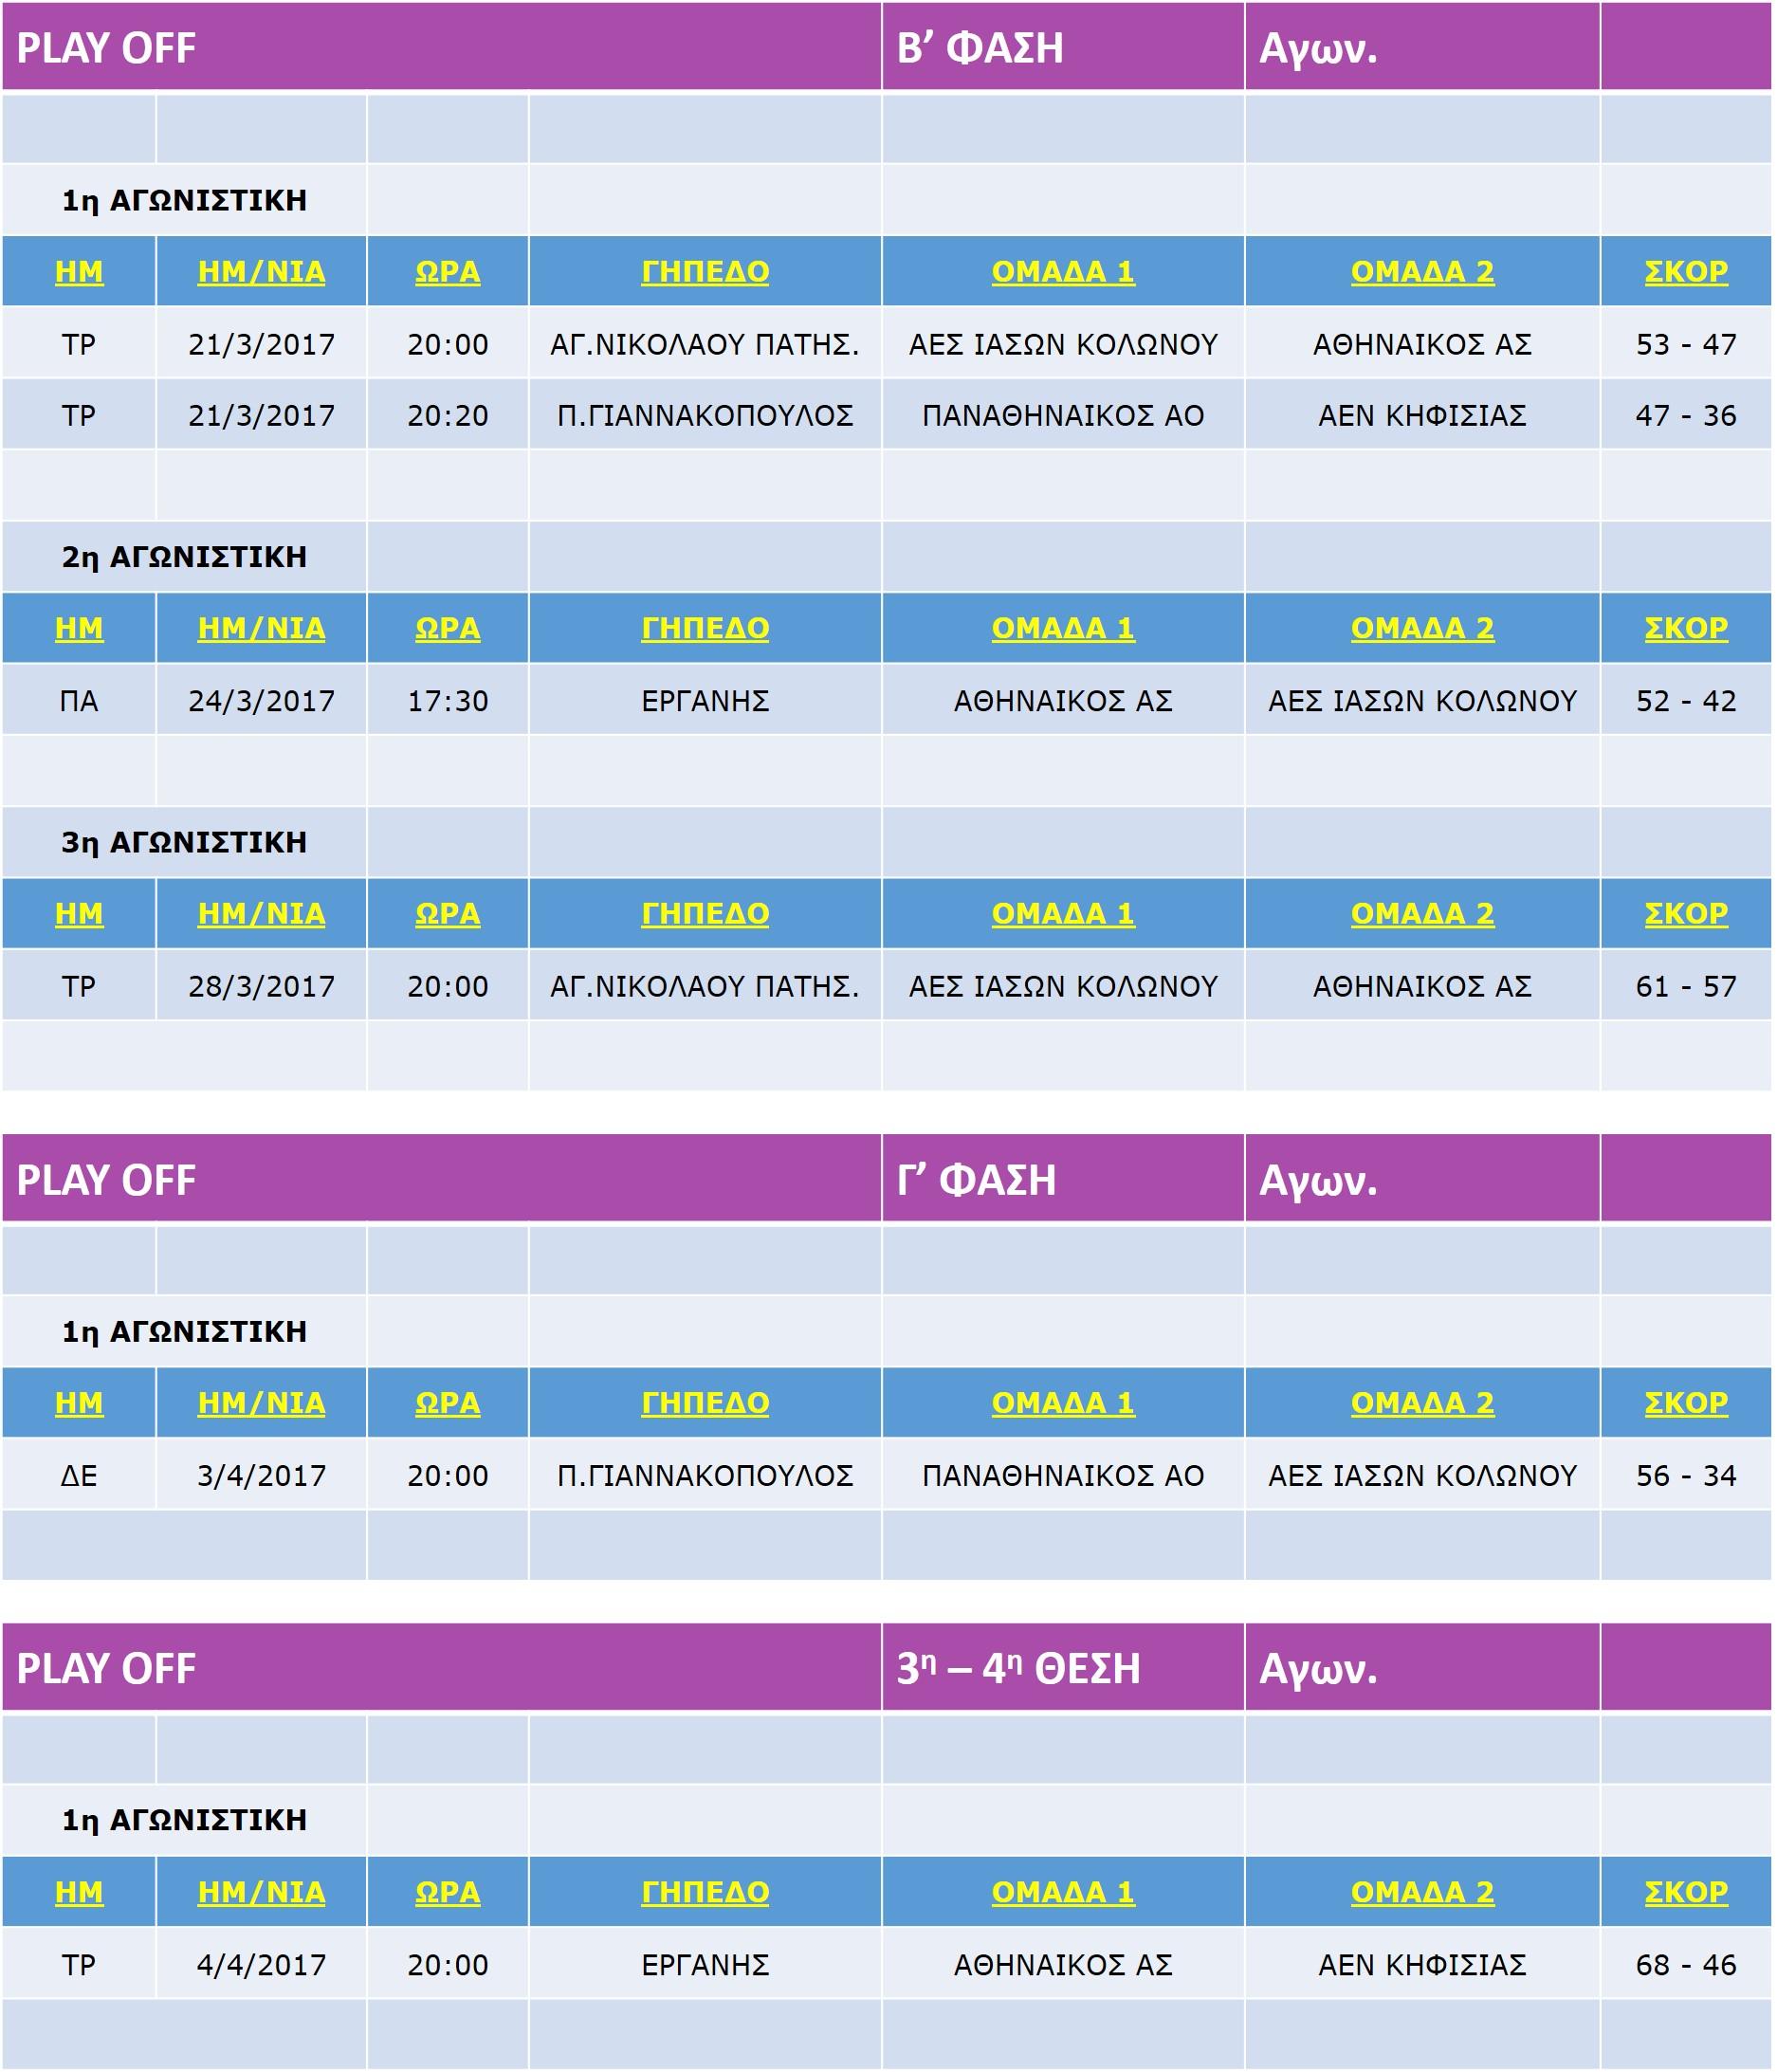 Korasides_Match_Play-Off-FINAL